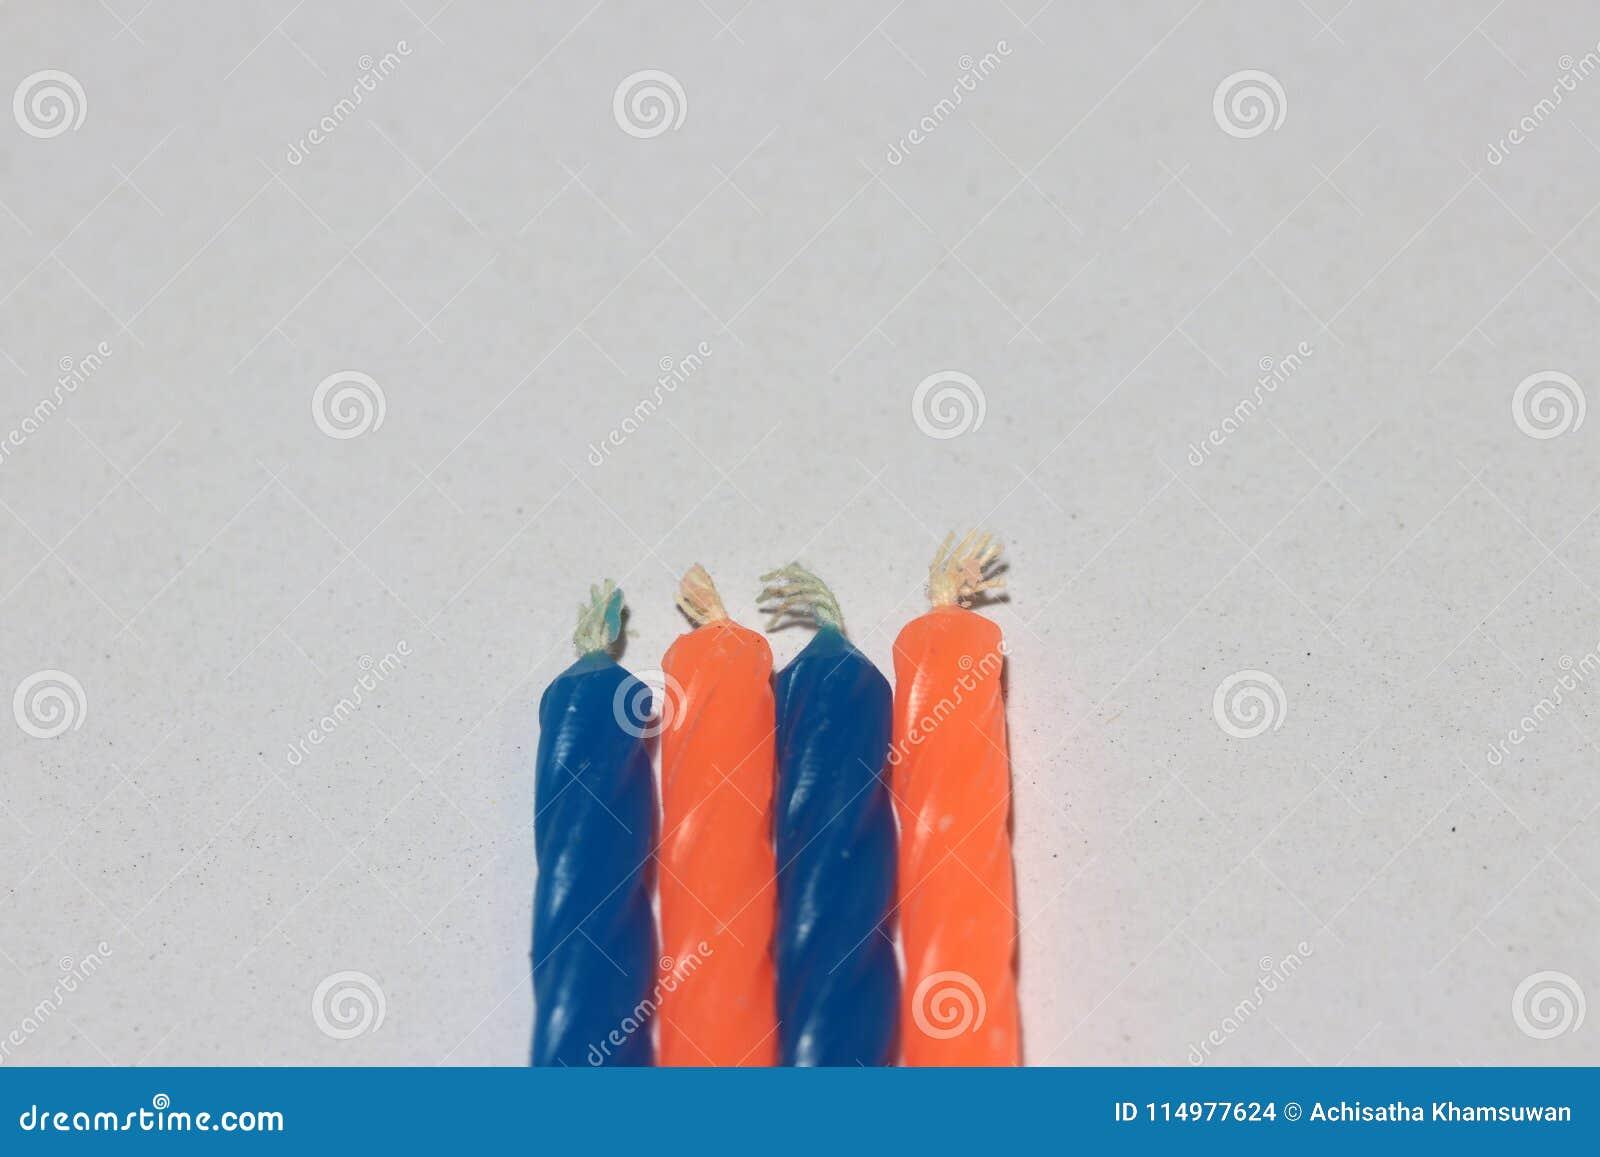 Il Colore Delle Candele.Colore Blu Ed Arancio Delle Candele Di Compleanno Su Fondo